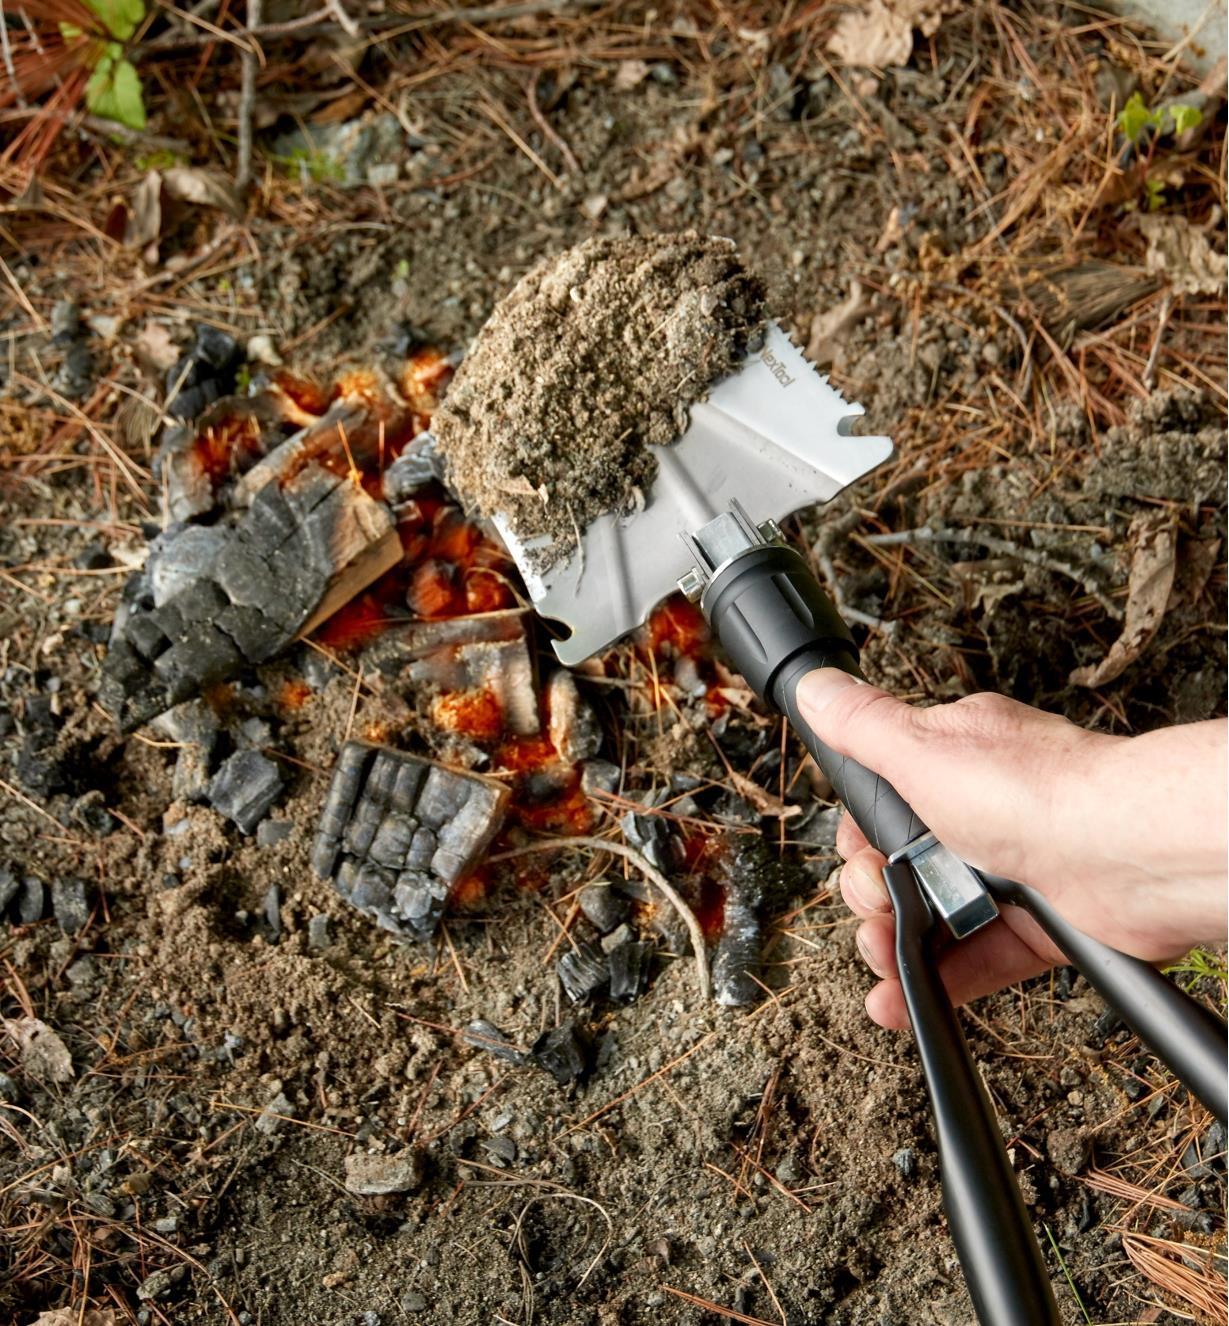 Personne utilisant la pelle pliante et éteignant un feu avec une pelletée de terre